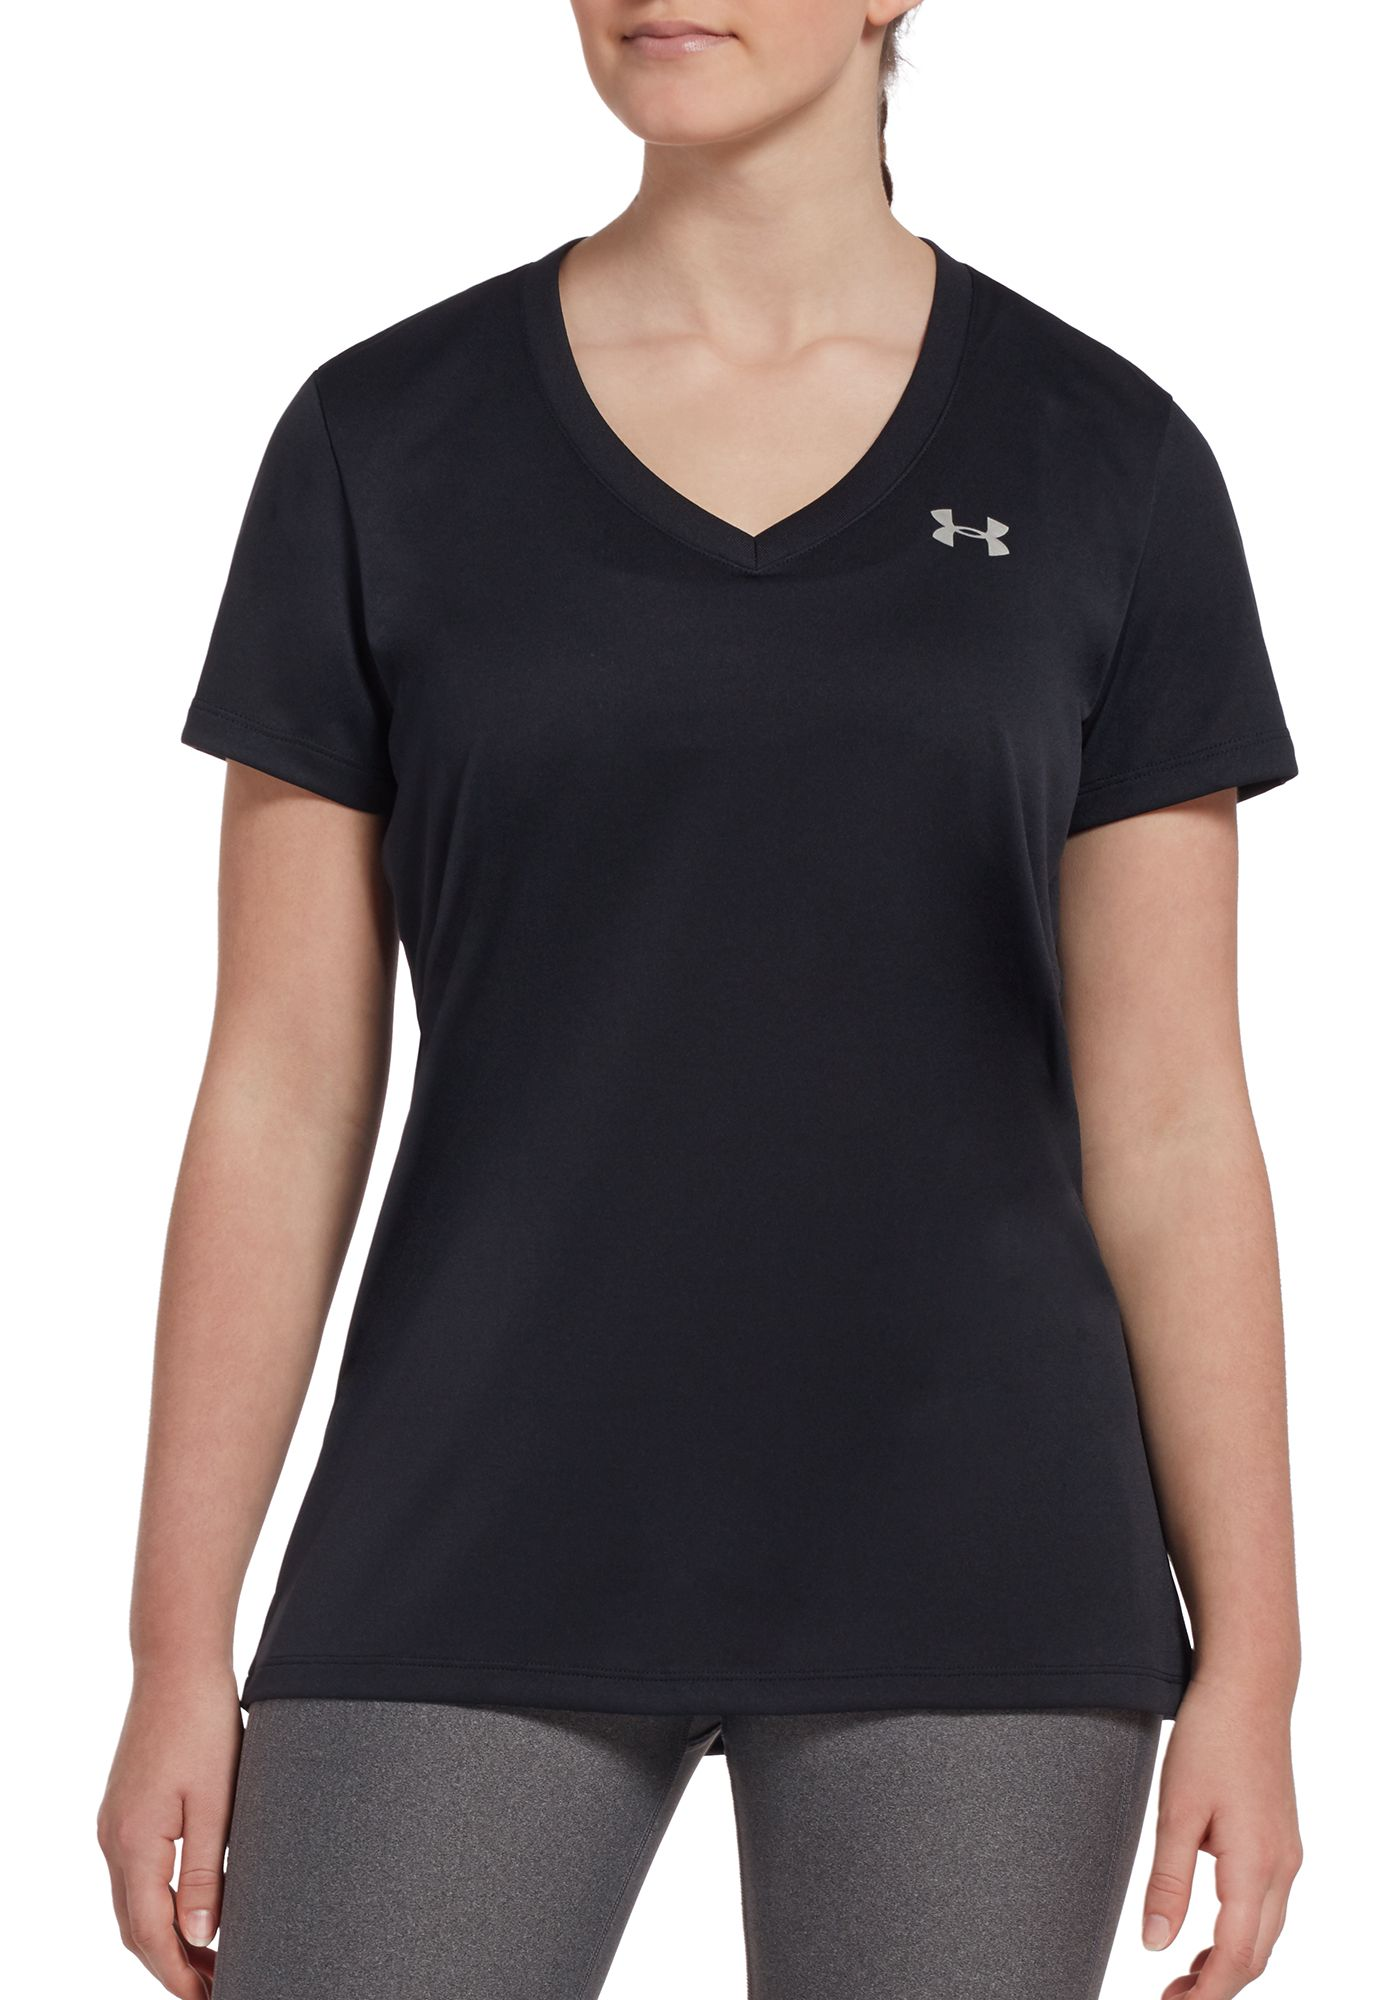 Under Armour Women's Tech V-Neck Short Sleeve Shirt